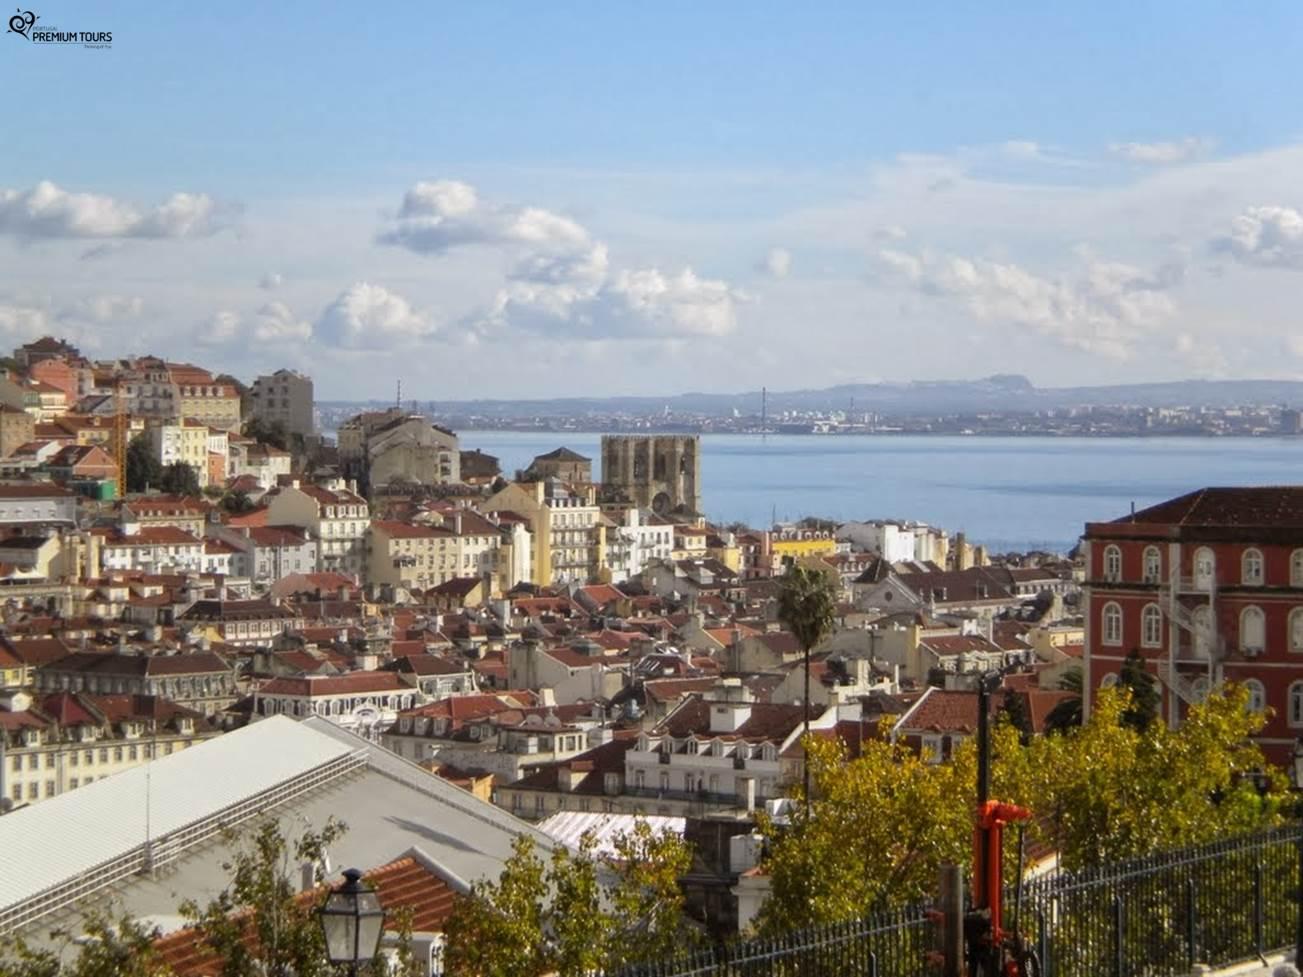 Conozca sintra y su historia portugal premium tours for Oficina de turismo sintra